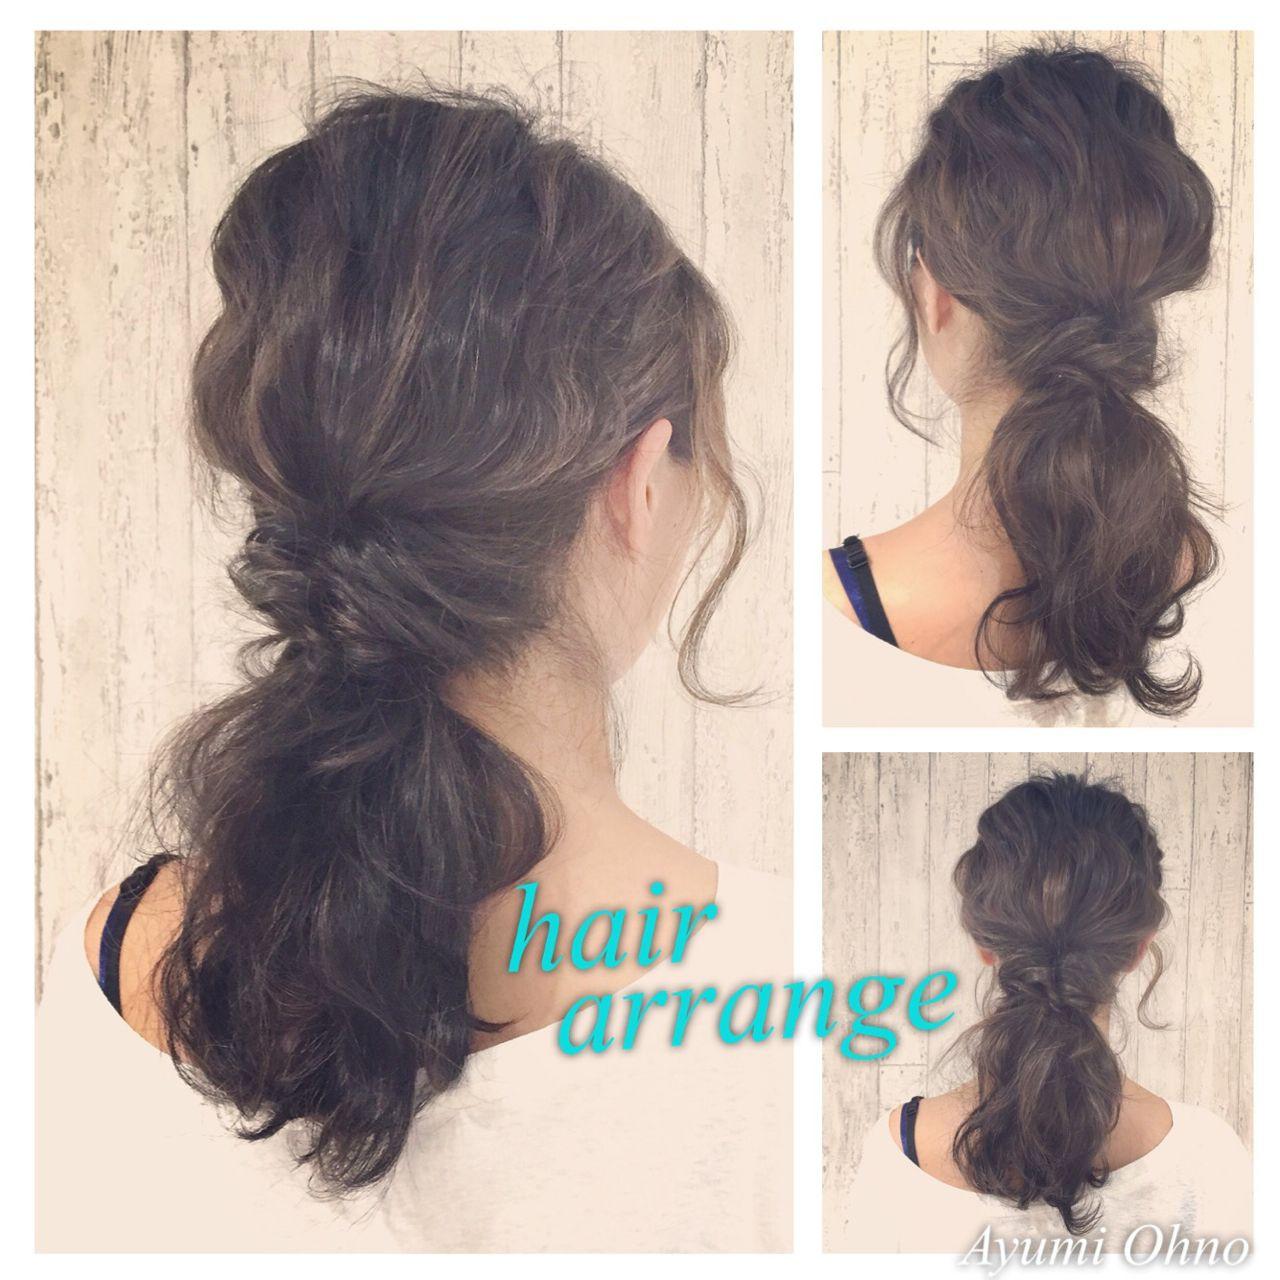 くるりんぱ ミディアム ゆるふわ ヘアアレンジ ヘアスタイルや髪型の写真・画像